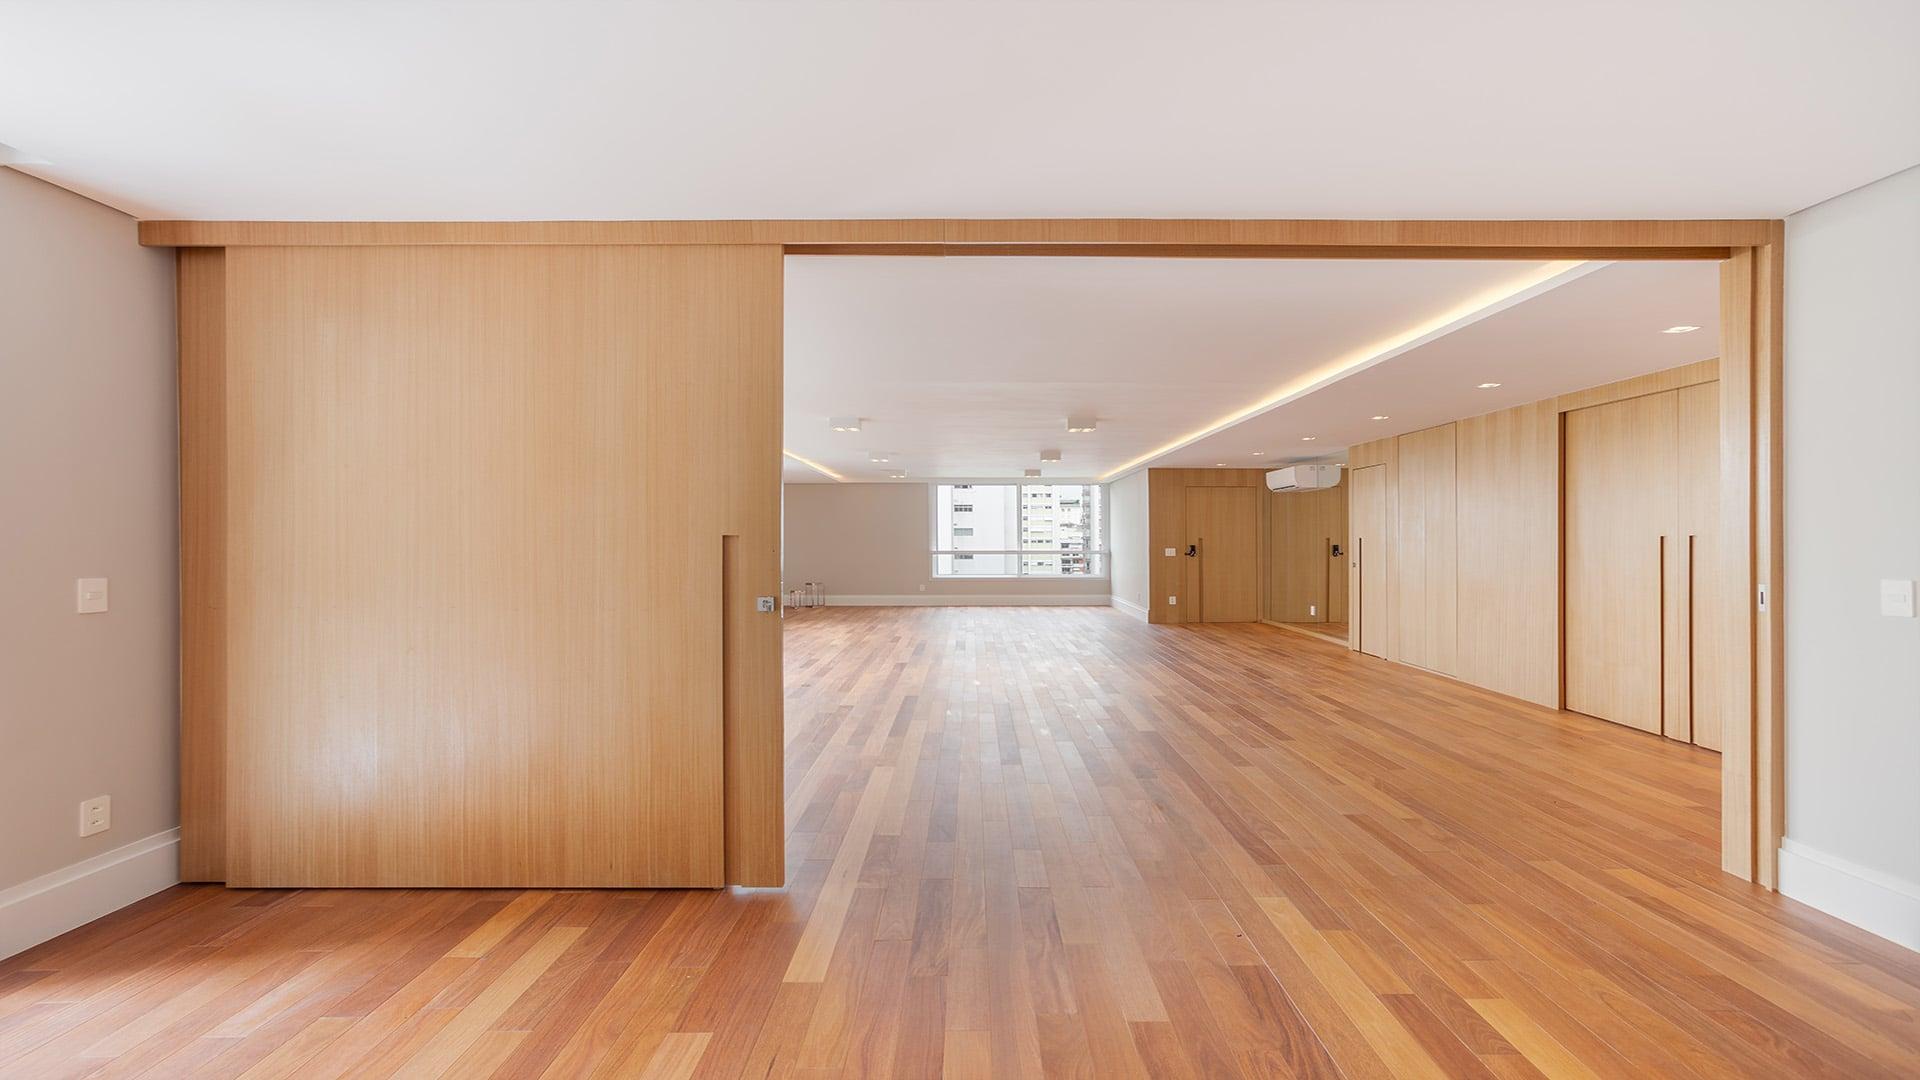 Que piso utilizar em seu apartamento?